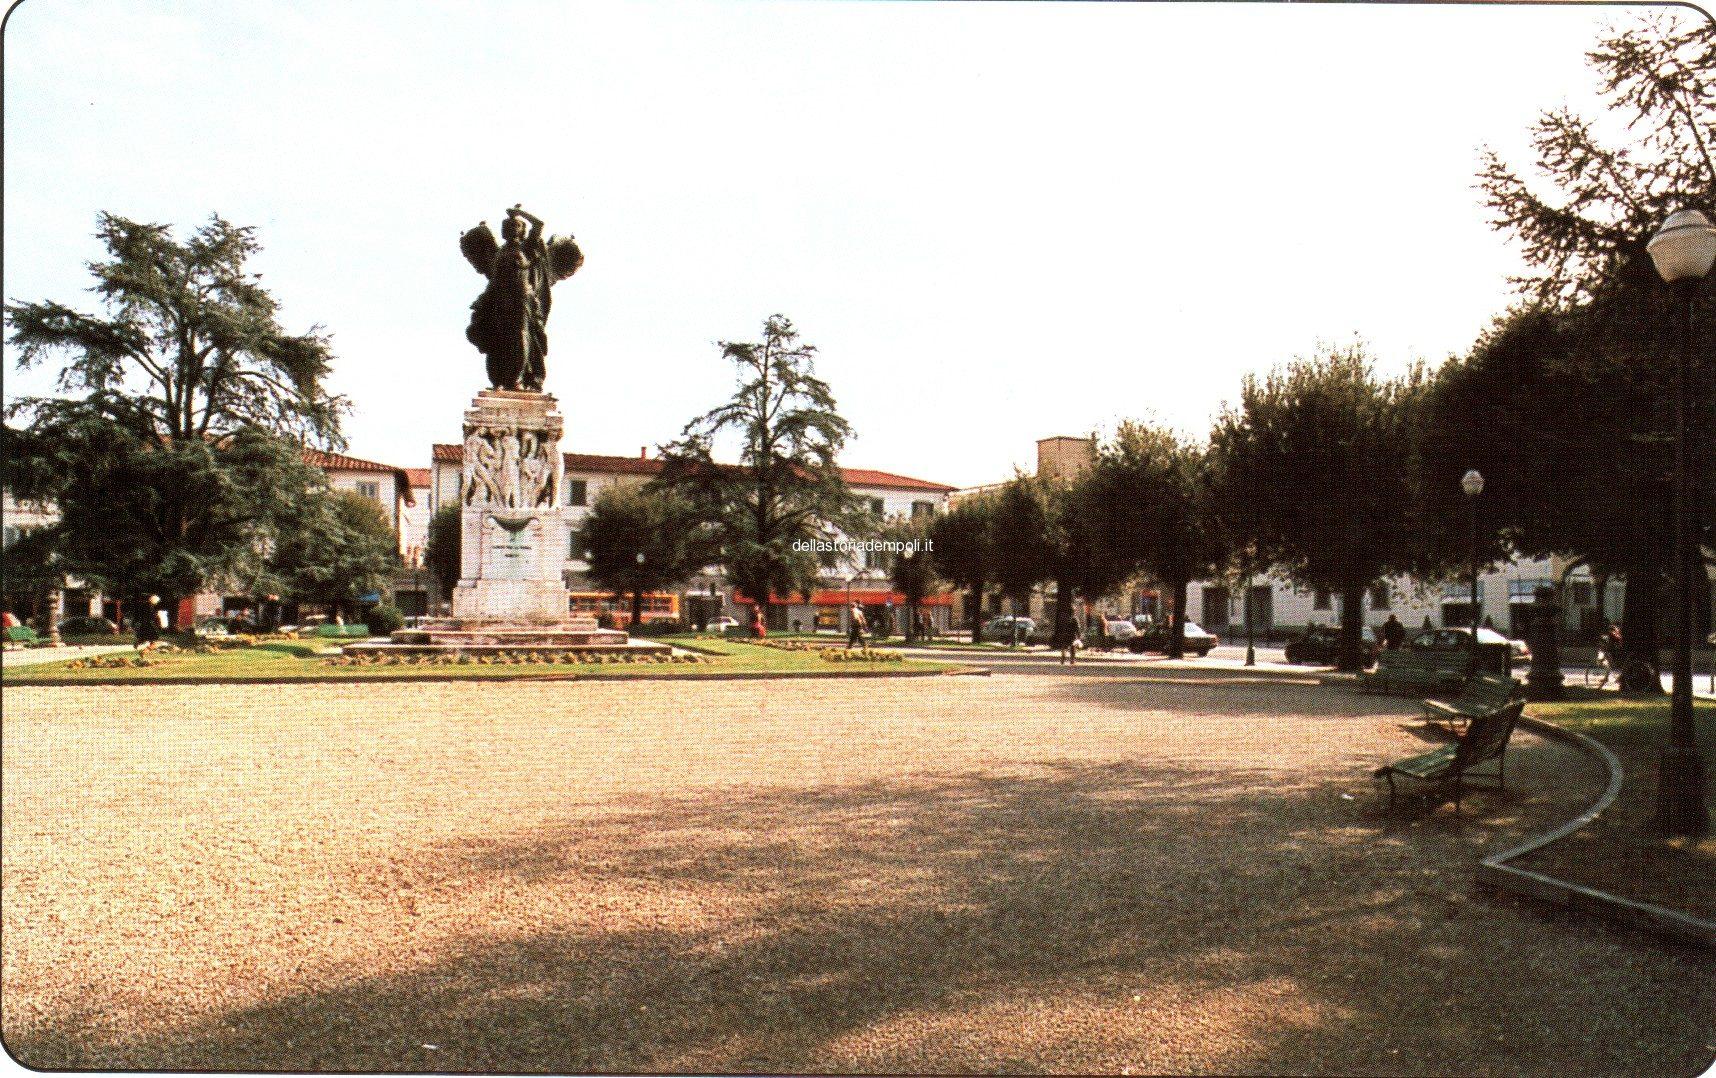 Empoli – Piazza Della Vittoria 1997